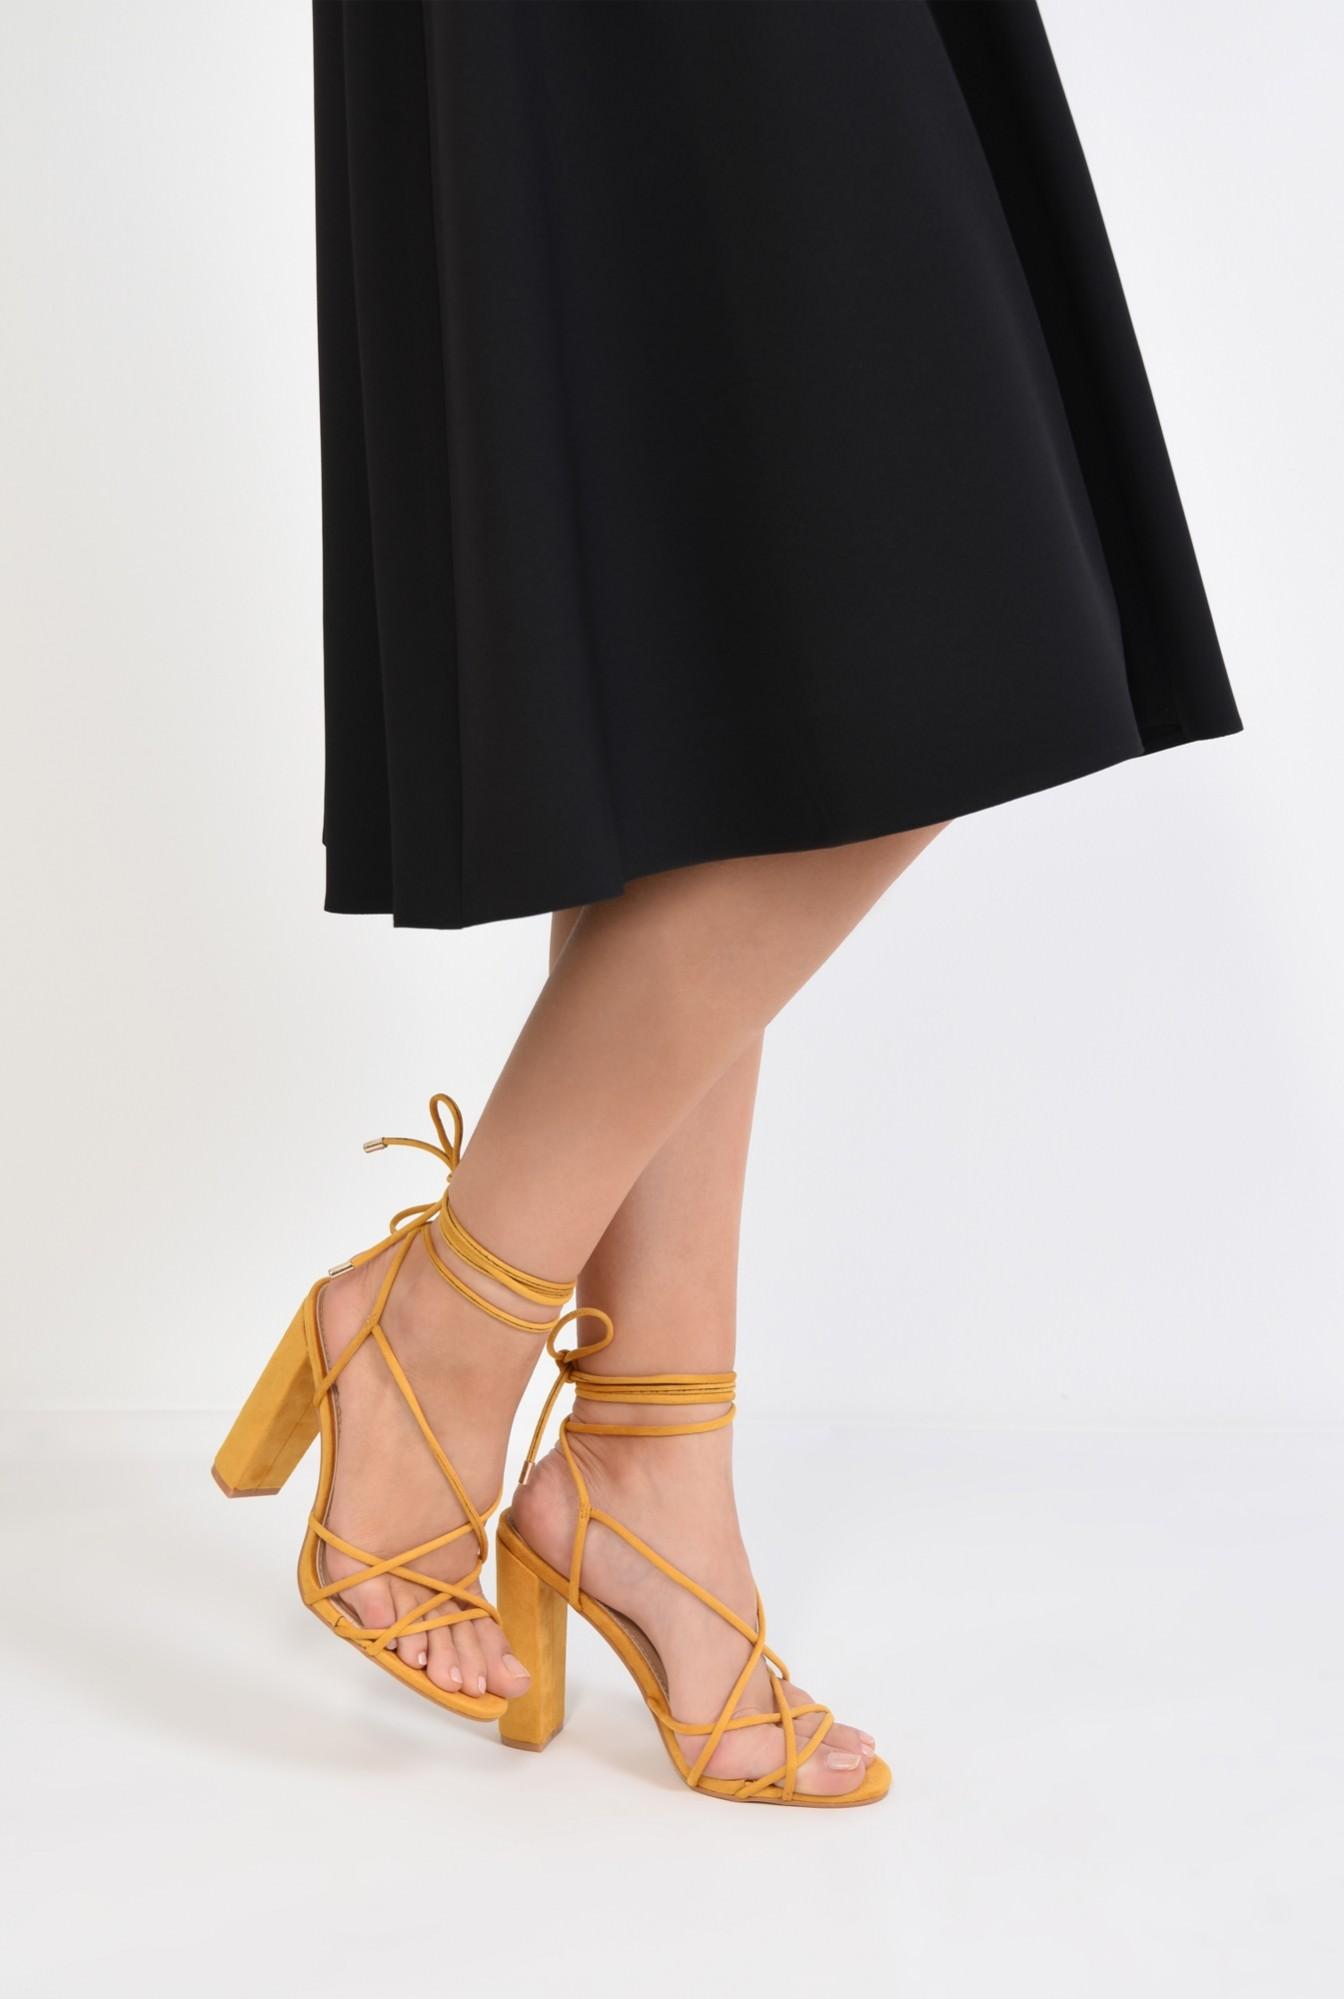 4 - sandale elegante, din velur, mustar, barete tip snur